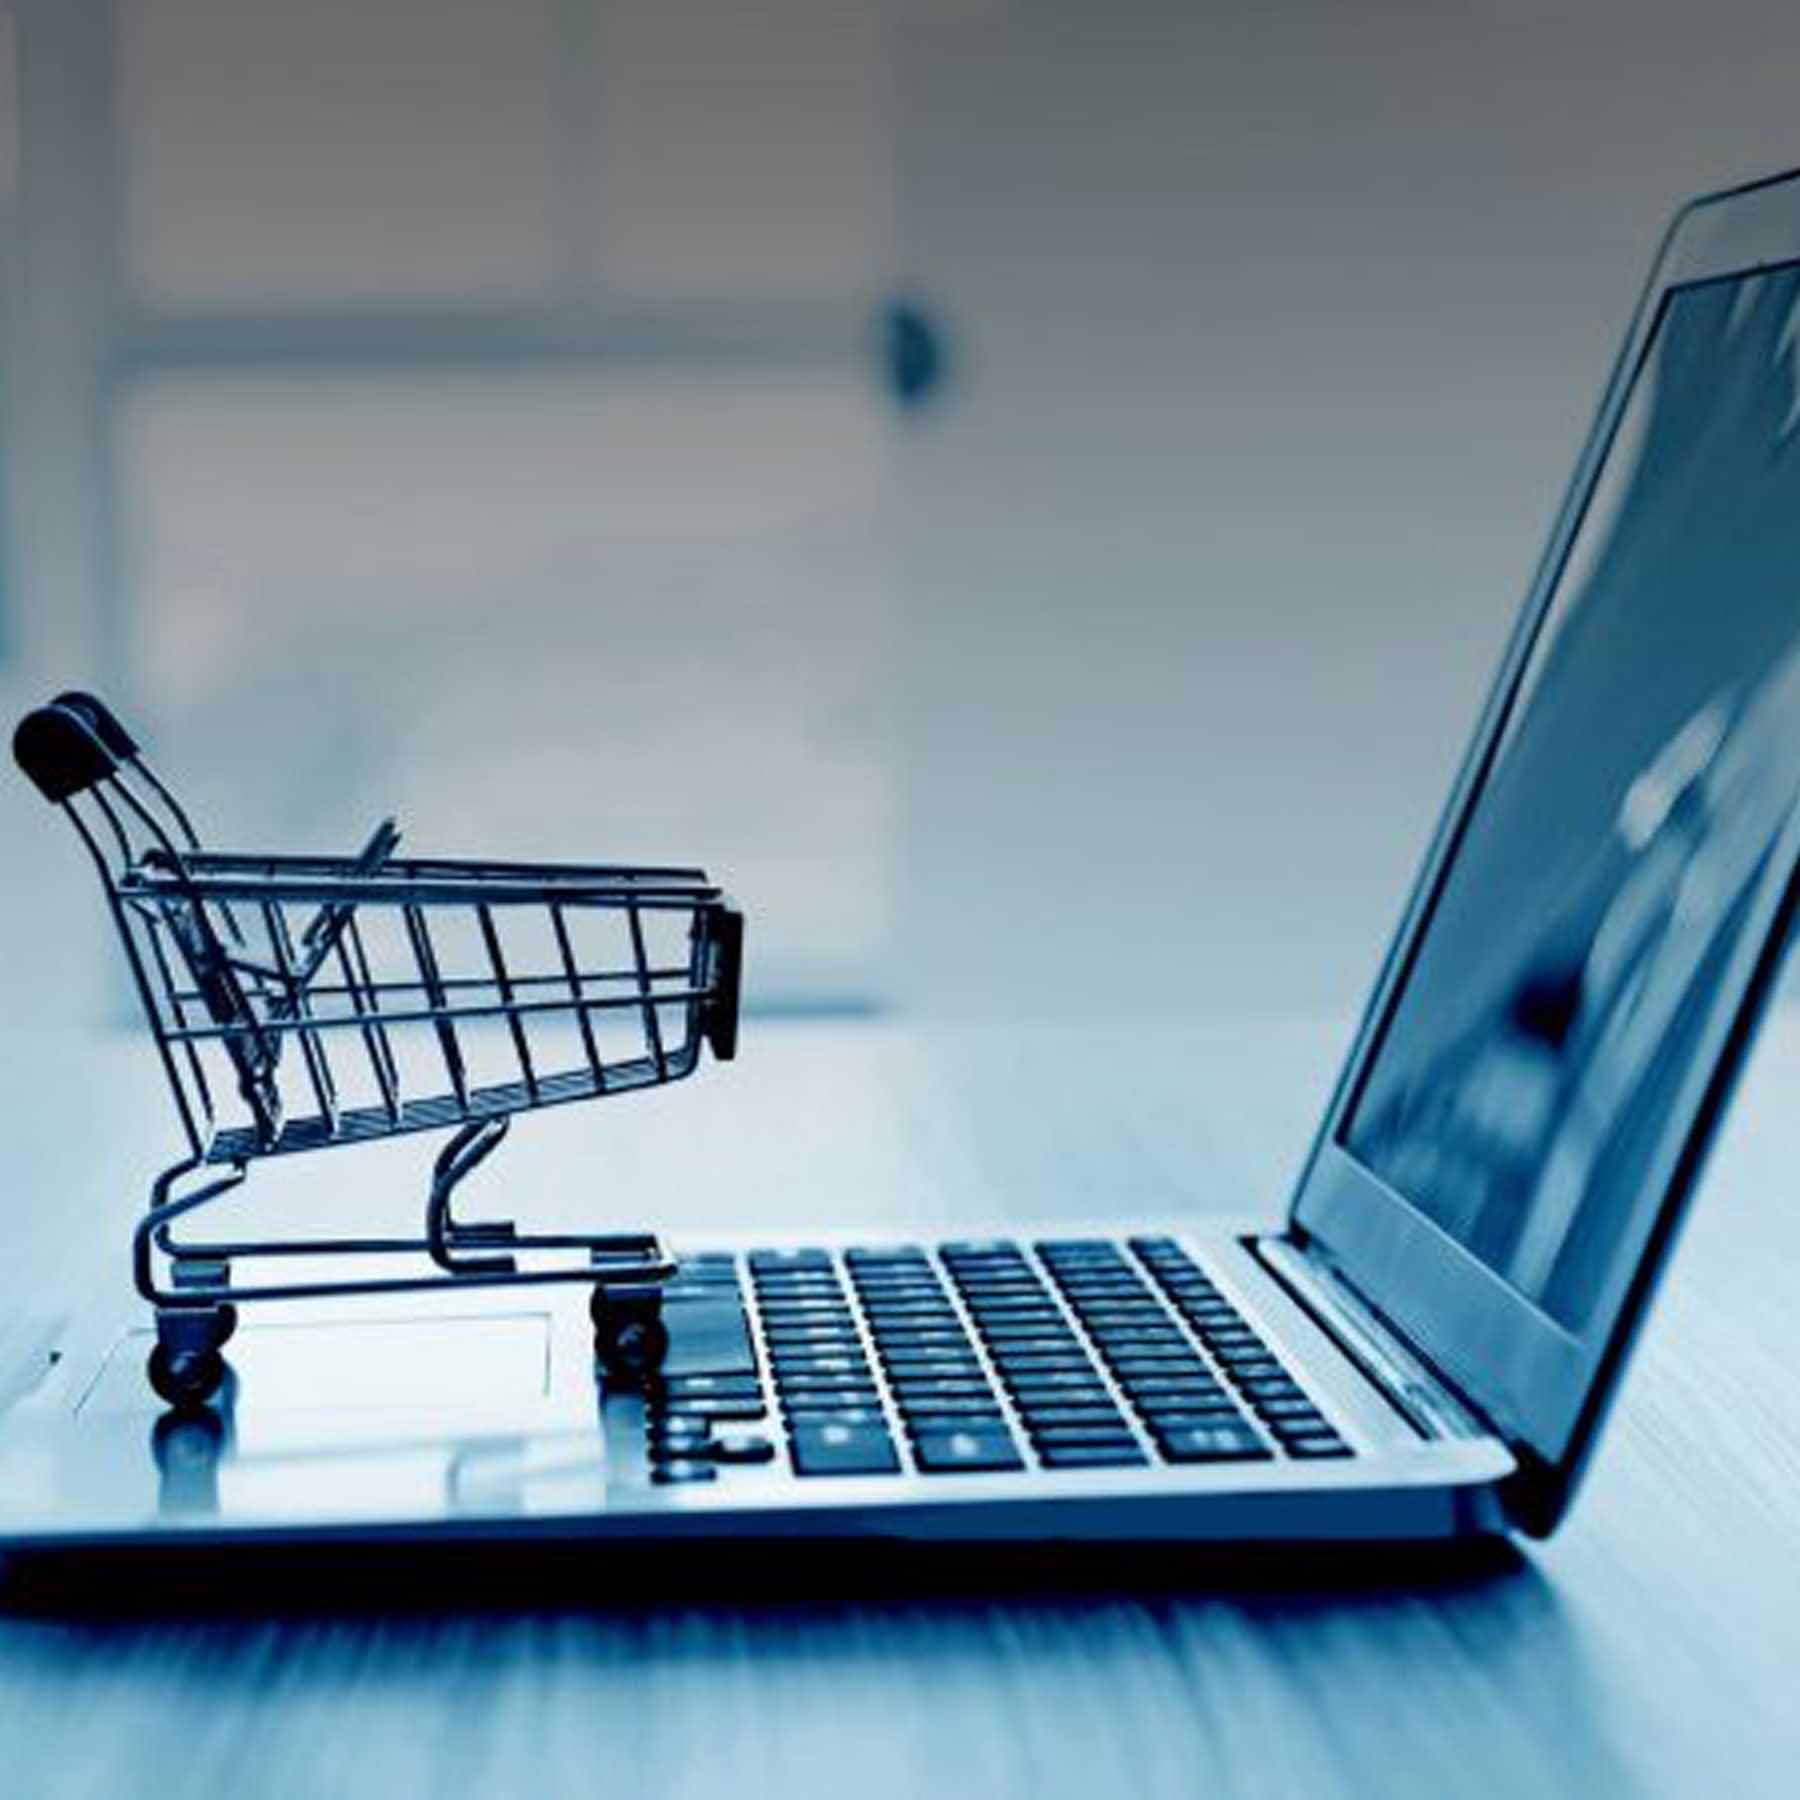 اهمیت تجارت الکترونیک در رشد کسب و کارها